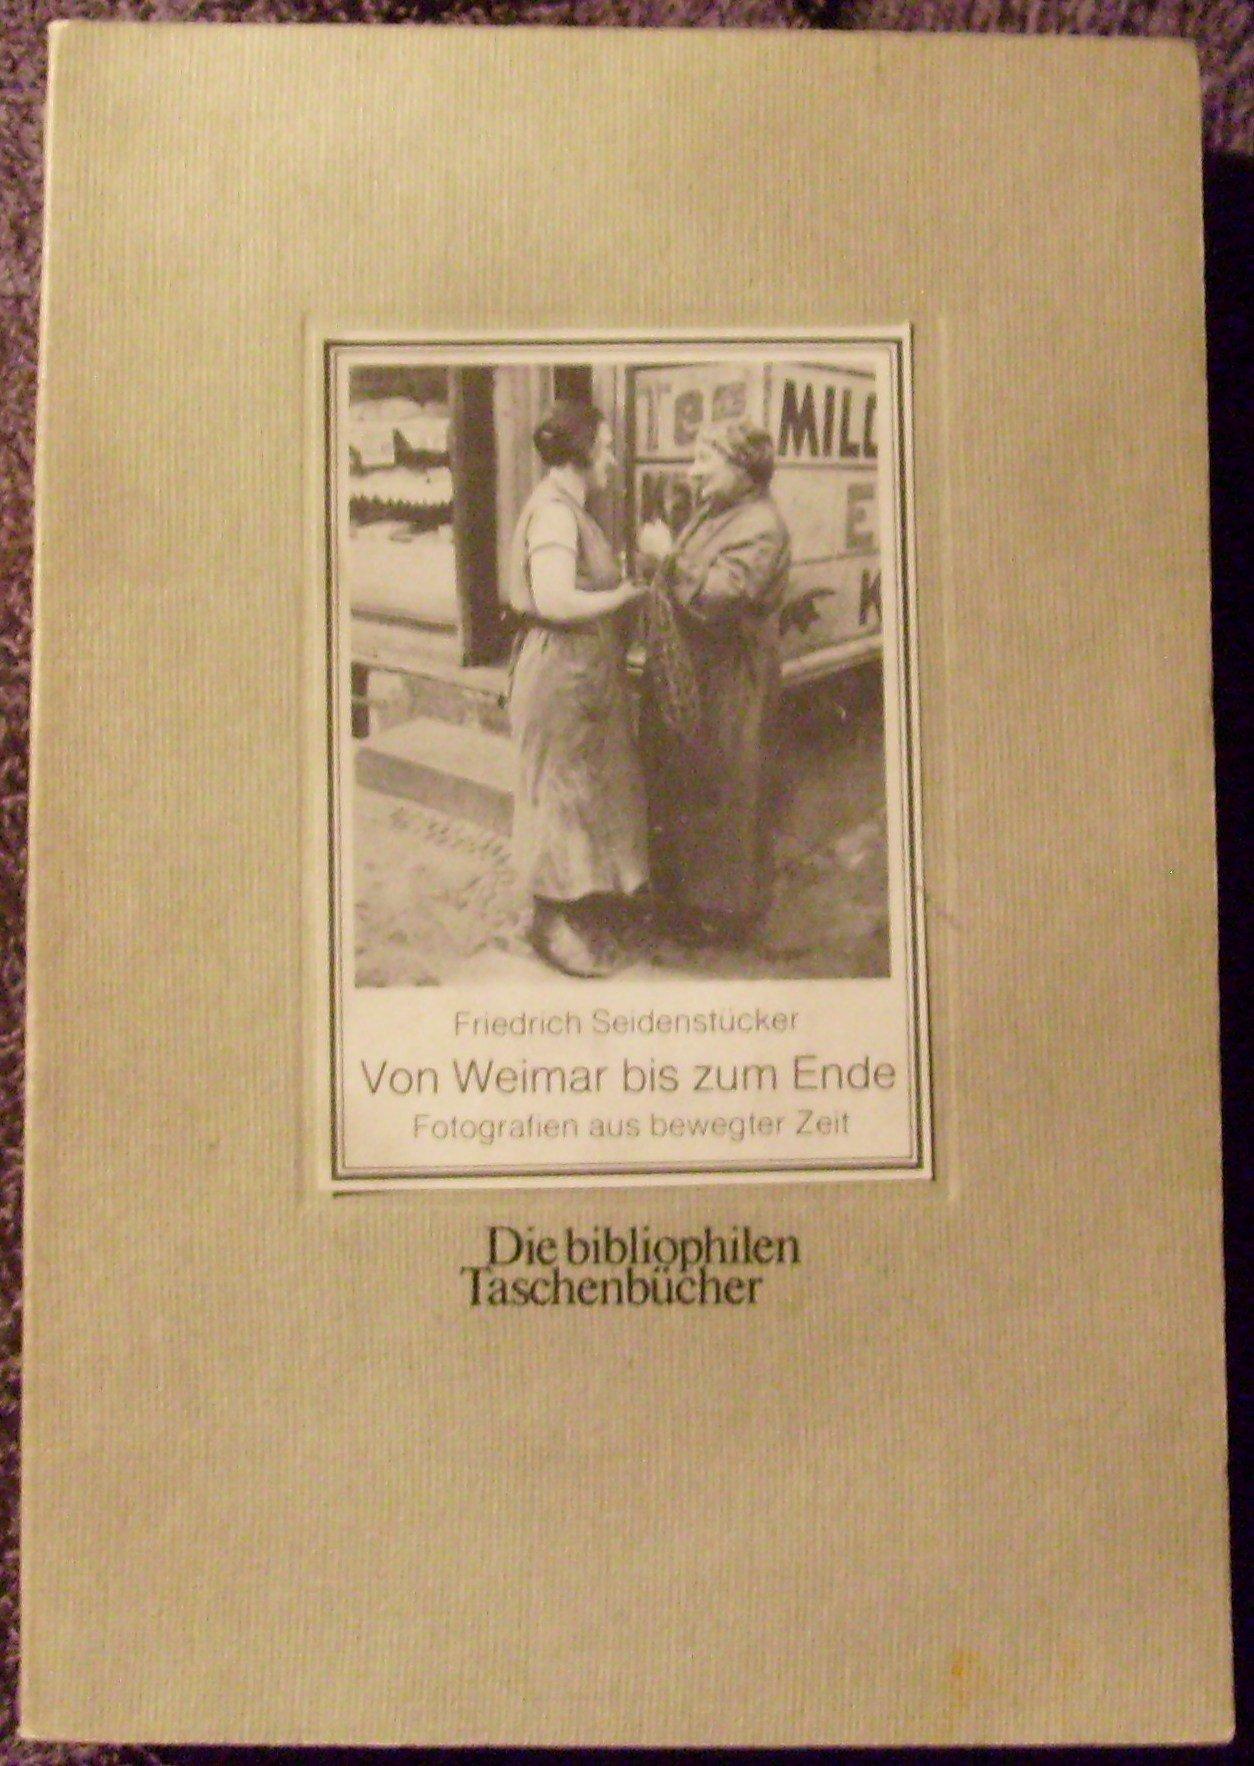 Von Weimar bis zum Ende. Fotografien aus bewegter Zeit.